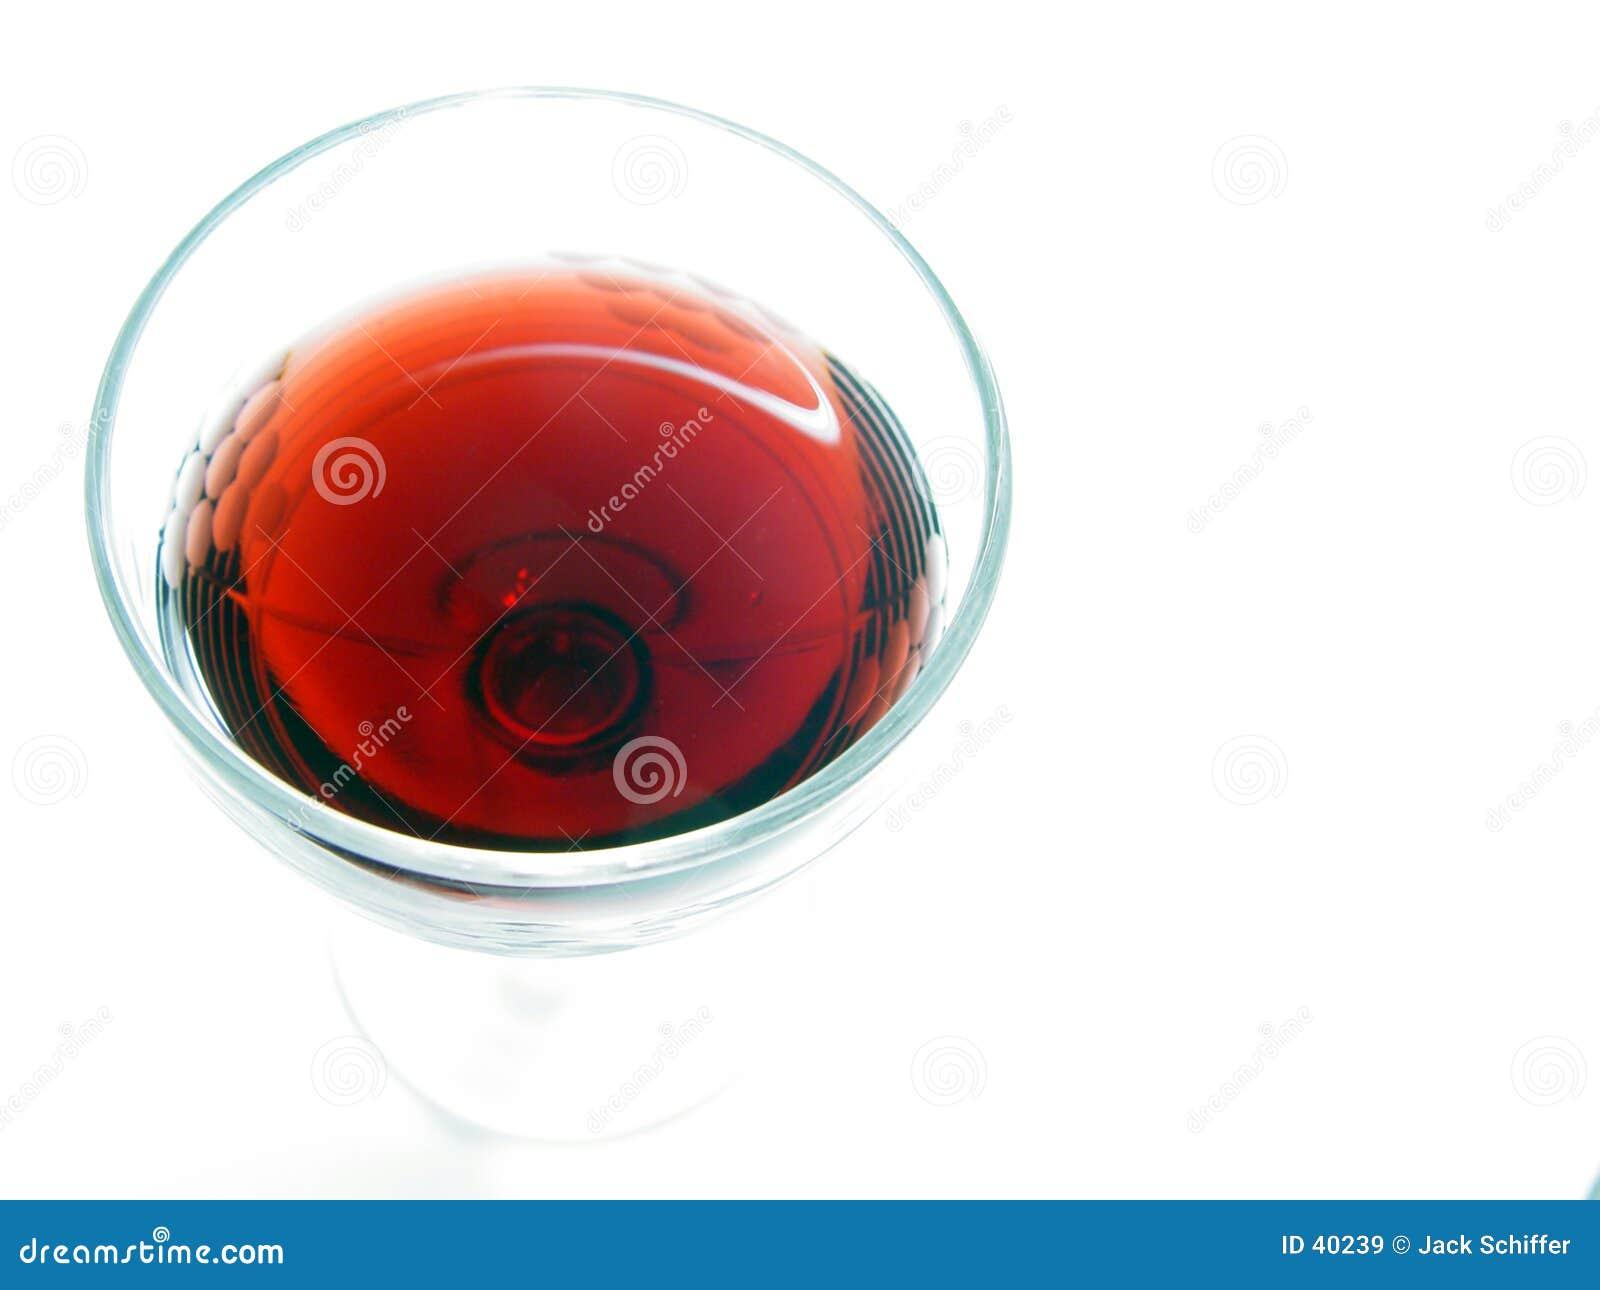 Download Vino rojo imagen de archivo. Imagen de bebida, acceso, alcohol - 40239